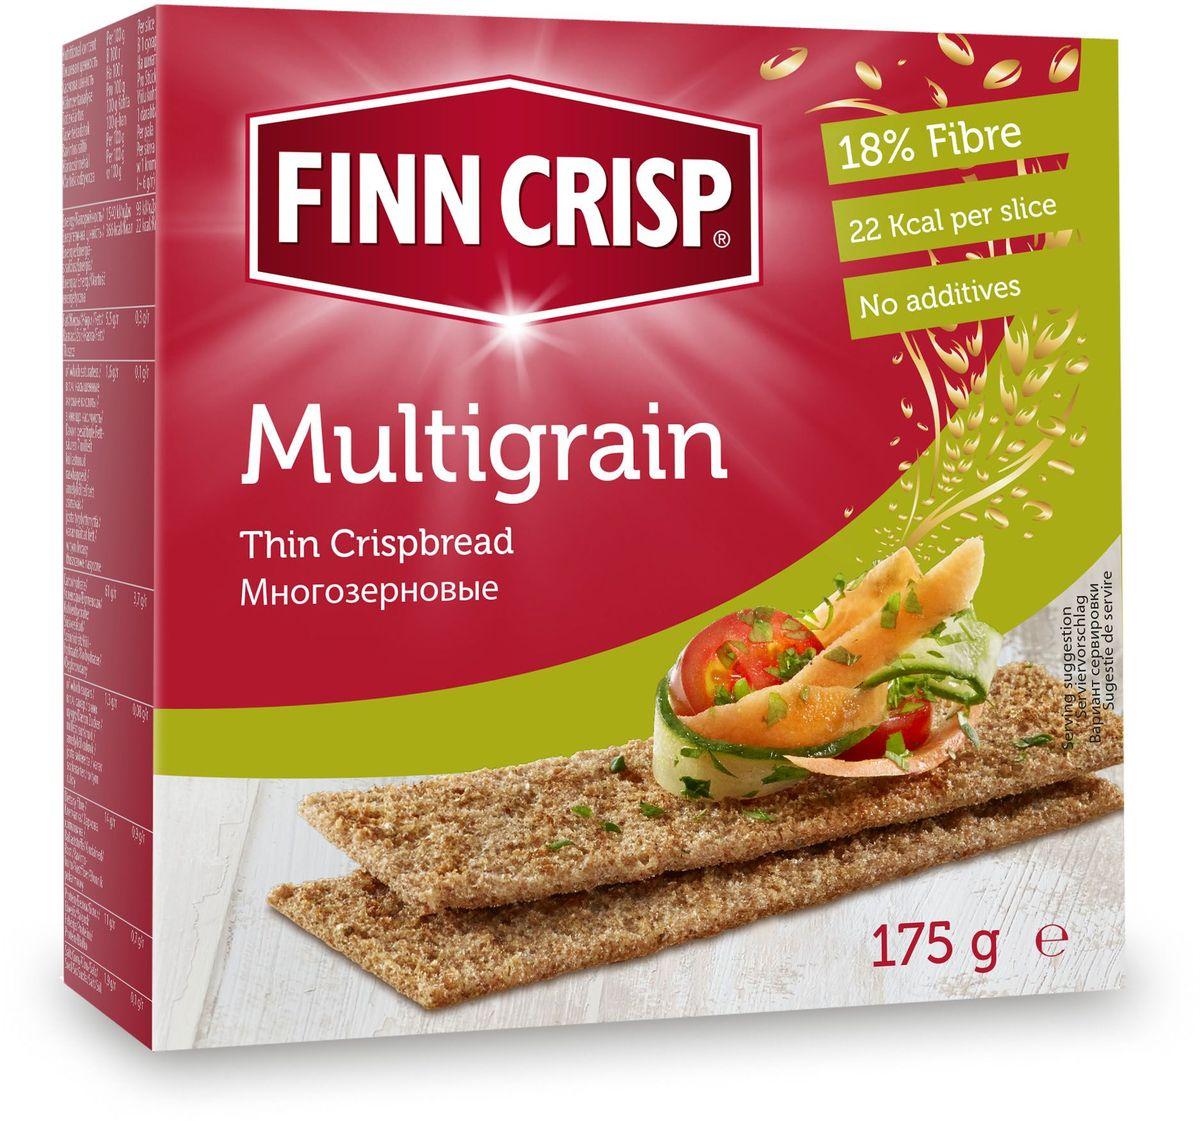 Finn Crisp Multigrain хлебцы многозерновые, 175 г0120710В 1952 году началось производство сухариков FINN CRISP (ФИНН КРИСП), когда стартовали Олимпийские Игры в Хельсинки (Финляндия).Многие годы натуральные ржаные сухарики FINN CRISP отражают дух Финляндии для миллионов покупателей по всему миру, заботящихся о здоровом питании. Высушивать хлеб - давняя финская традиция и FINN CRISP до сих пор придерживаются этой традиции создавая хлебцы по старому классическому финскому рецепту.Бренд FINN CRISP принадлежит компании VAASAN Group's.VAASAN - это крупнейшая хлебопекарная компания в Балтийском регионе со столетней историей, занимающаяся производством продукции для правильного и здорового питания. Занимающая второе место по производству сухариков и хлебцев, а её продукция экспортируются в более чем 50 государств!